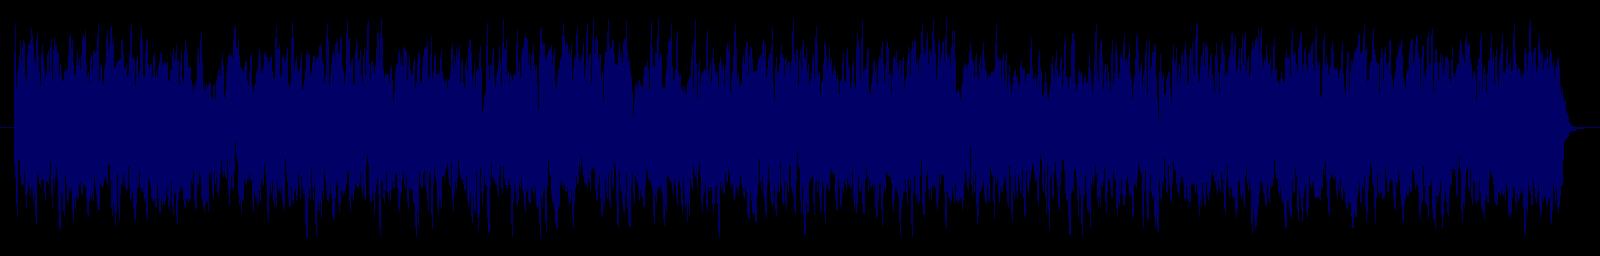 waveform of track #132356